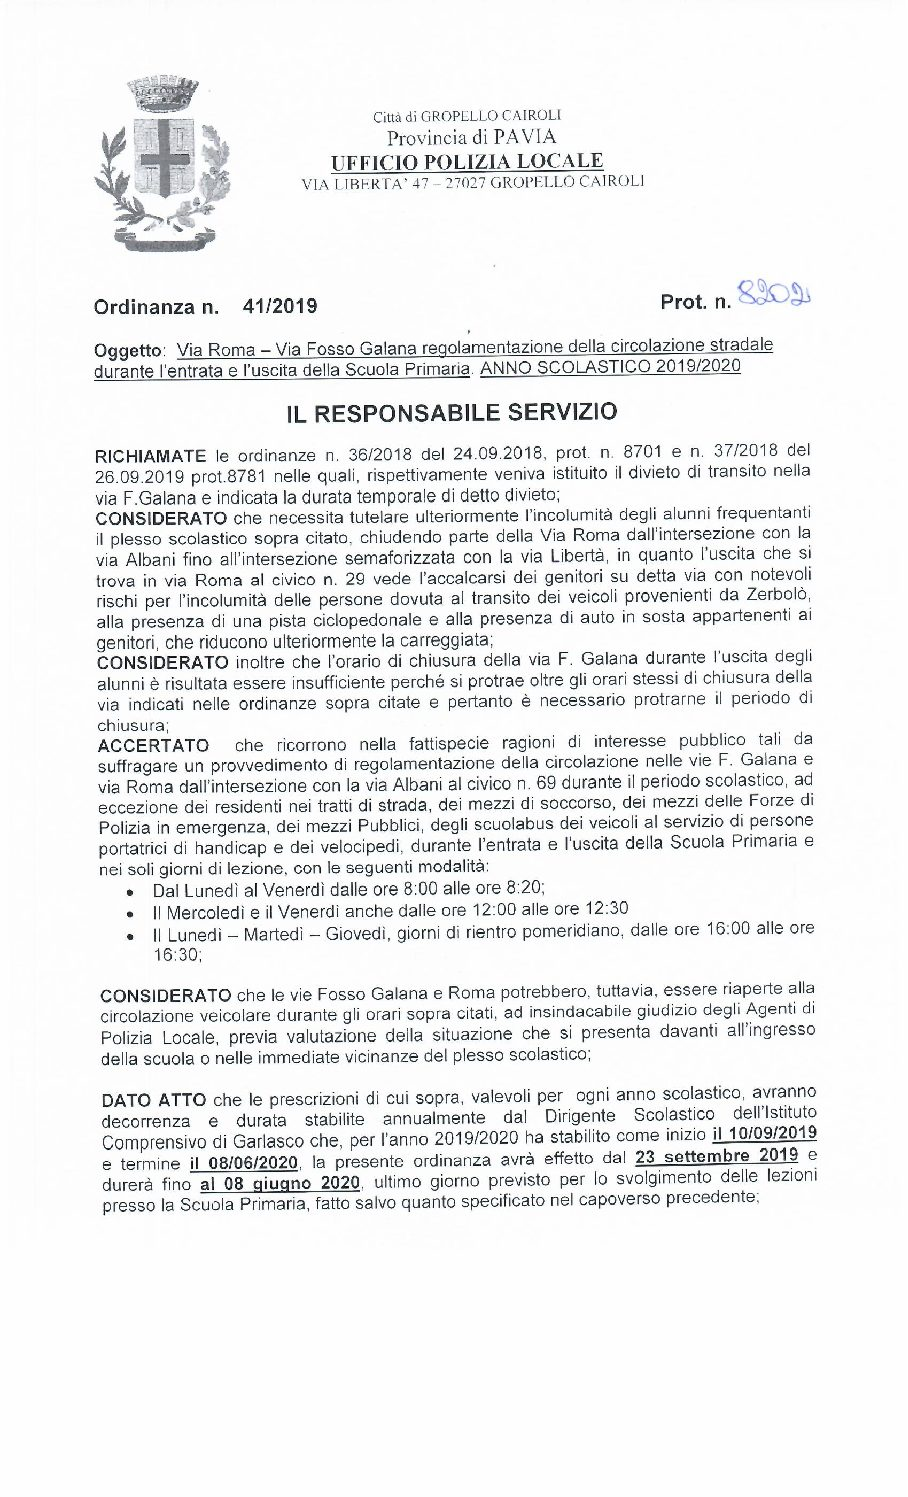 Ordinanza n° 41 del 19.09.2019 – Via Roma e Via Fosso Galana: regolamentazione della circolazione stradale durante l'entrata e l'uscita della scuola primaria. A.S. 2019/2020.